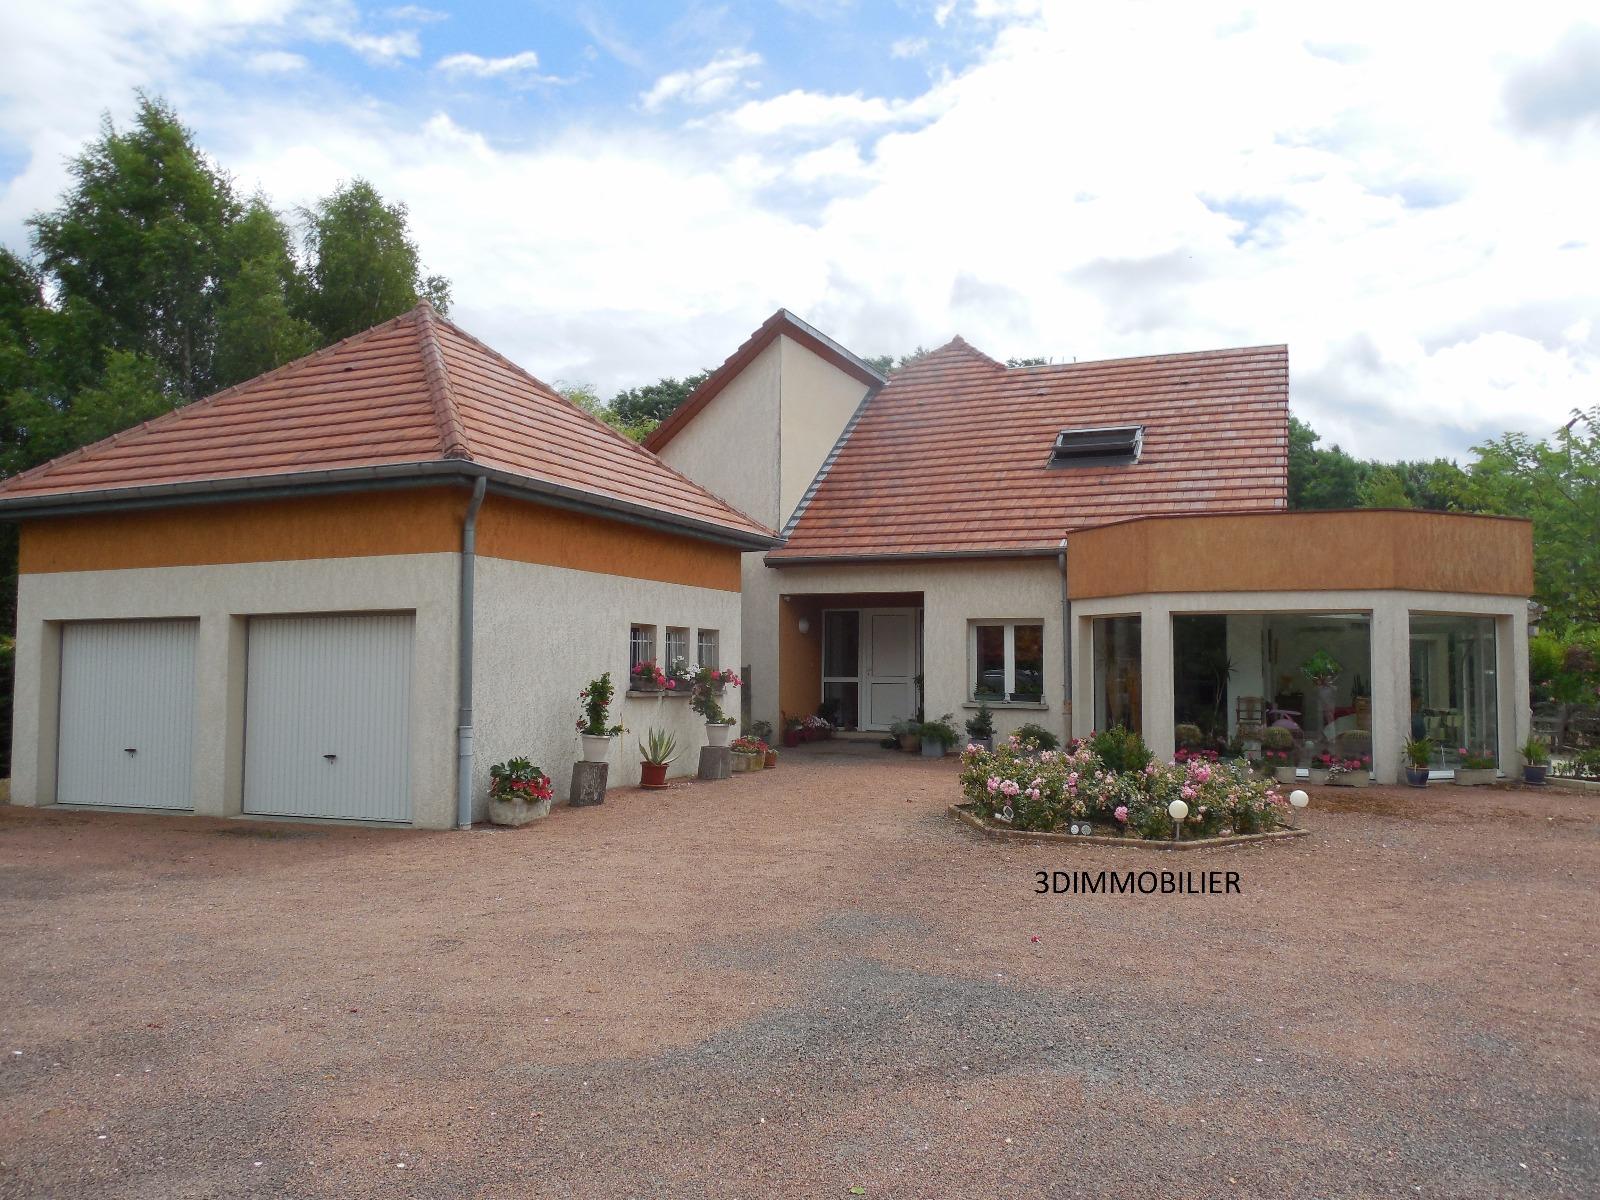 Dole 39100 a vendre maison contemporaine de 3 chambres de 260 m piscine chauff e garage - Frais de notaire achat garage ...